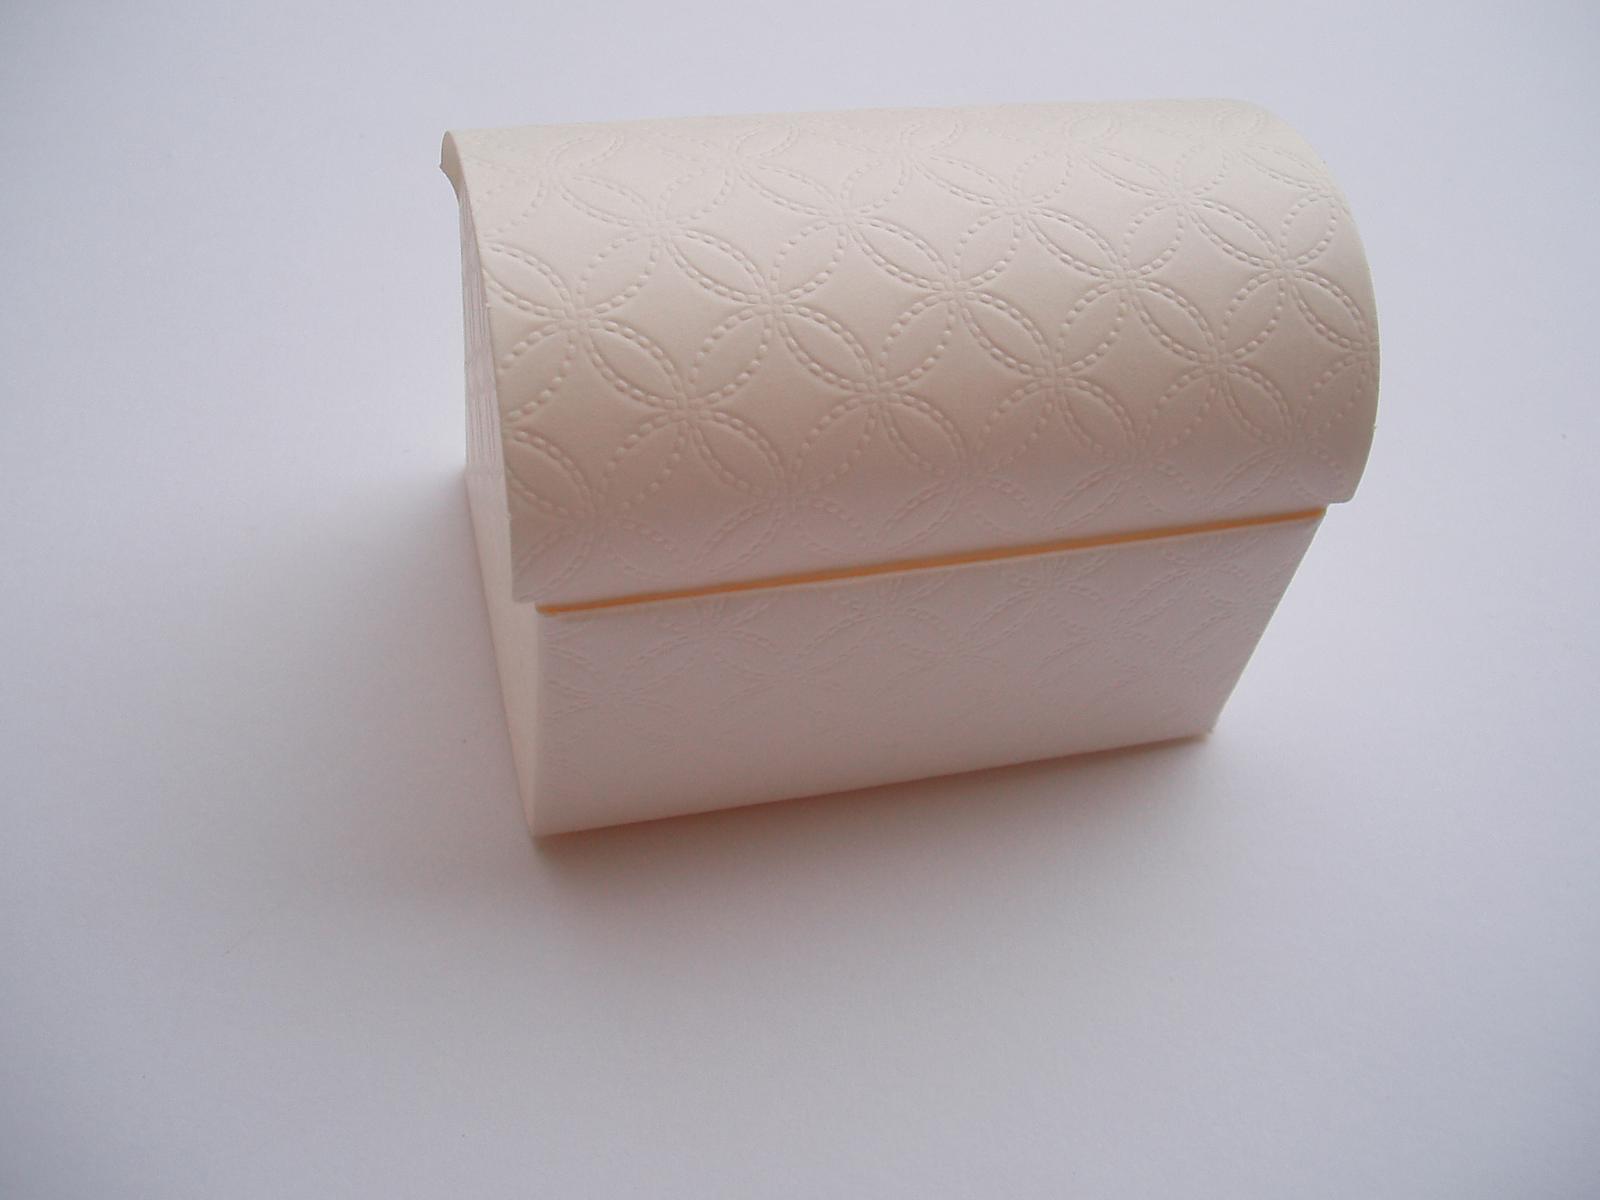 krabička bílá - Obrázek č. 1